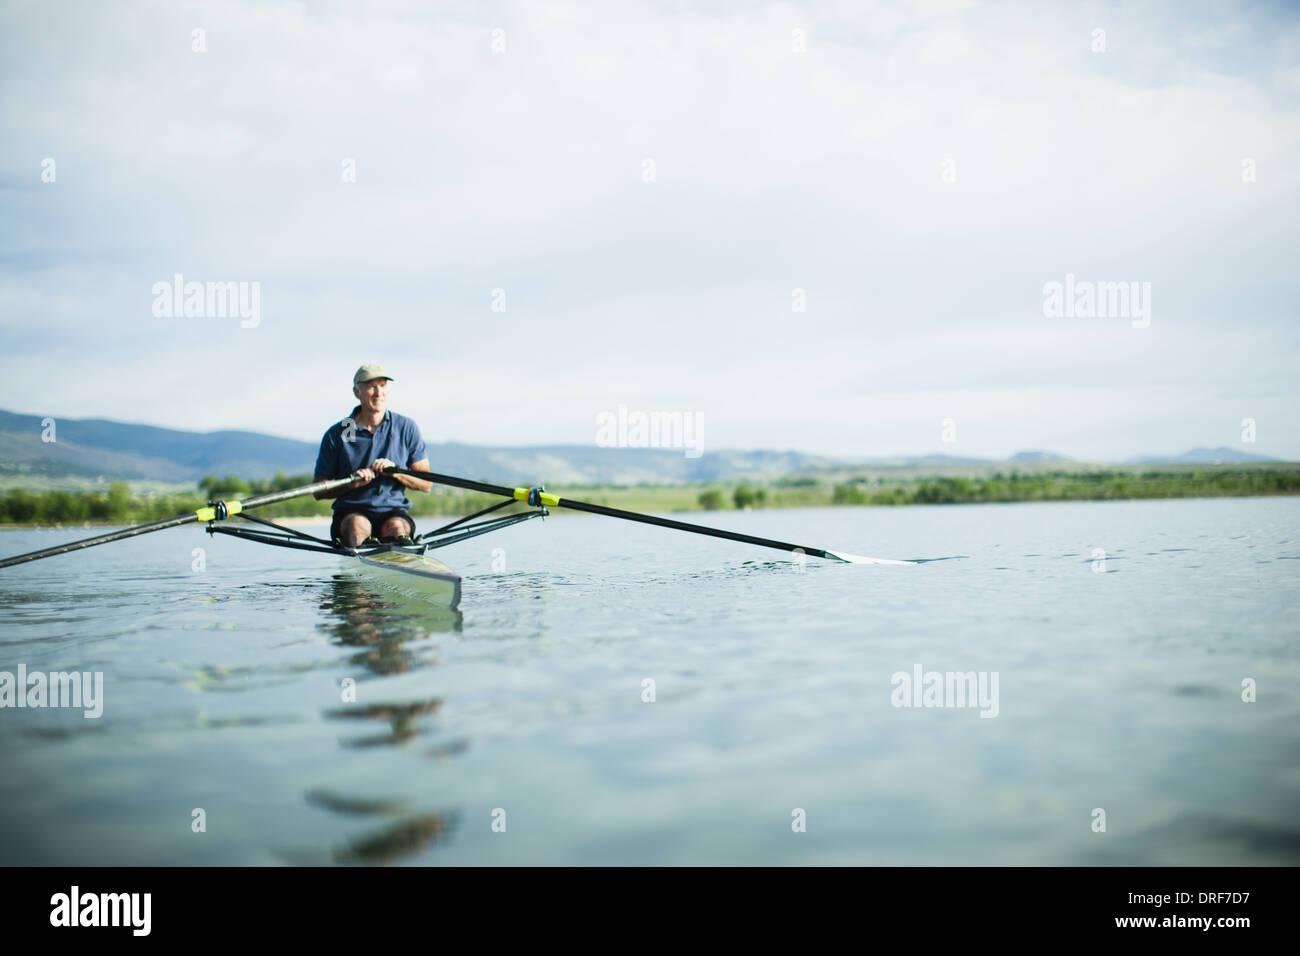 Colorado, EE.UU. hombre en bote a remo utilizando los remos Imagen De Stock